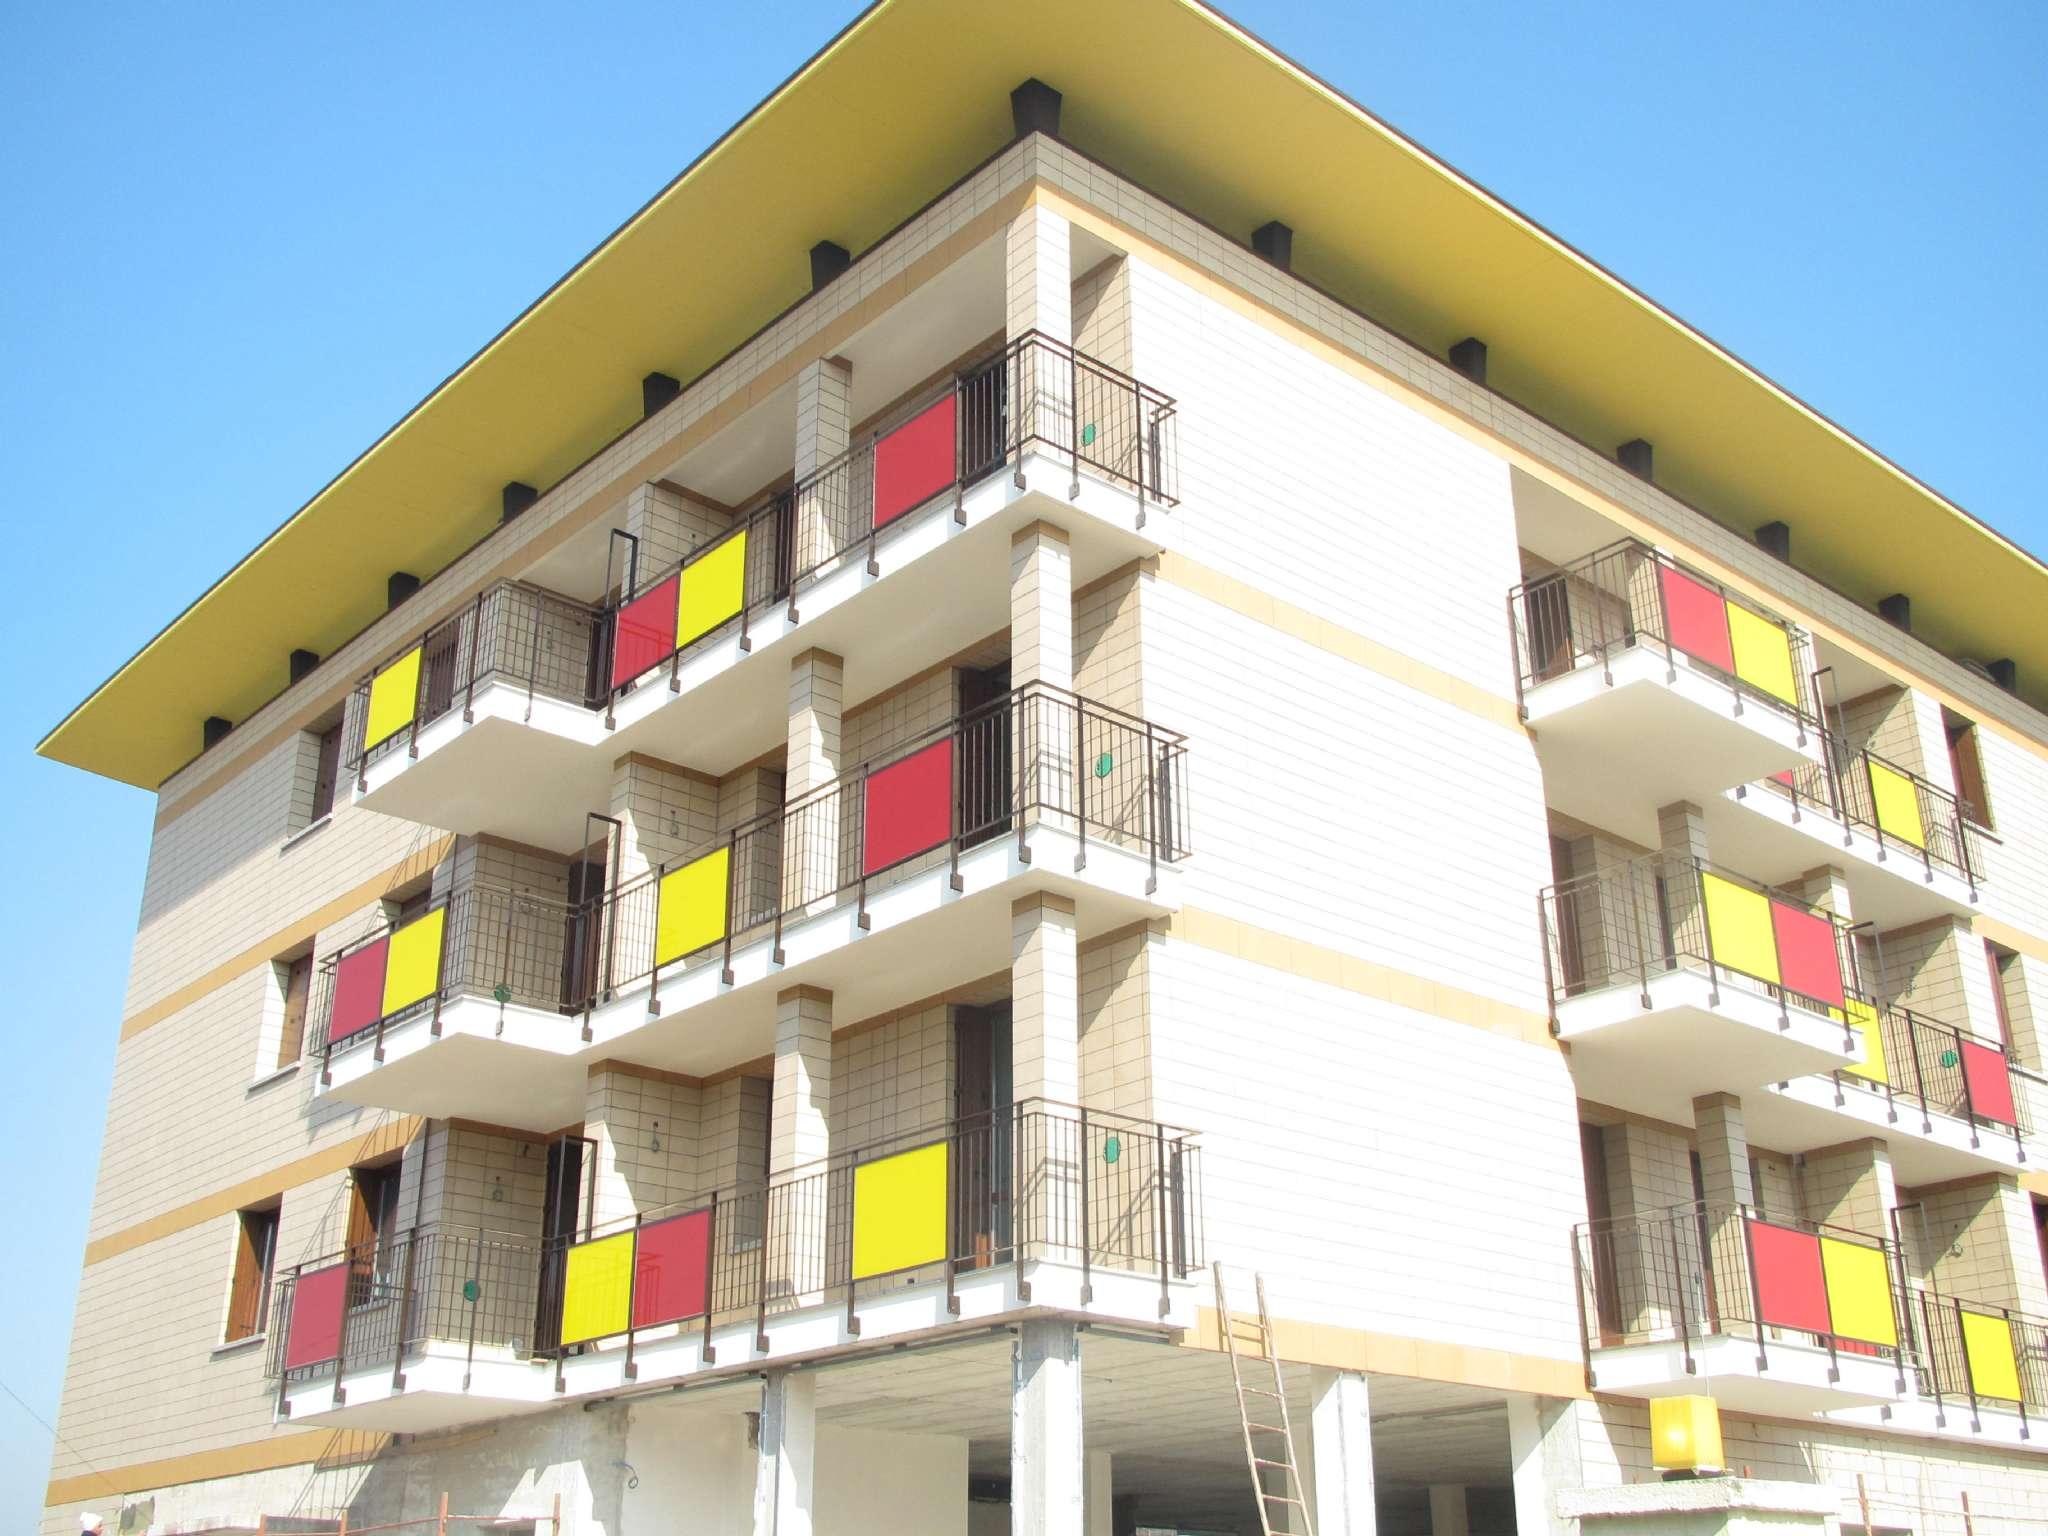 Appartamento in affitto a Somma Lombardo, 2 locali, prezzo € 450 | PortaleAgenzieImmobiliari.it